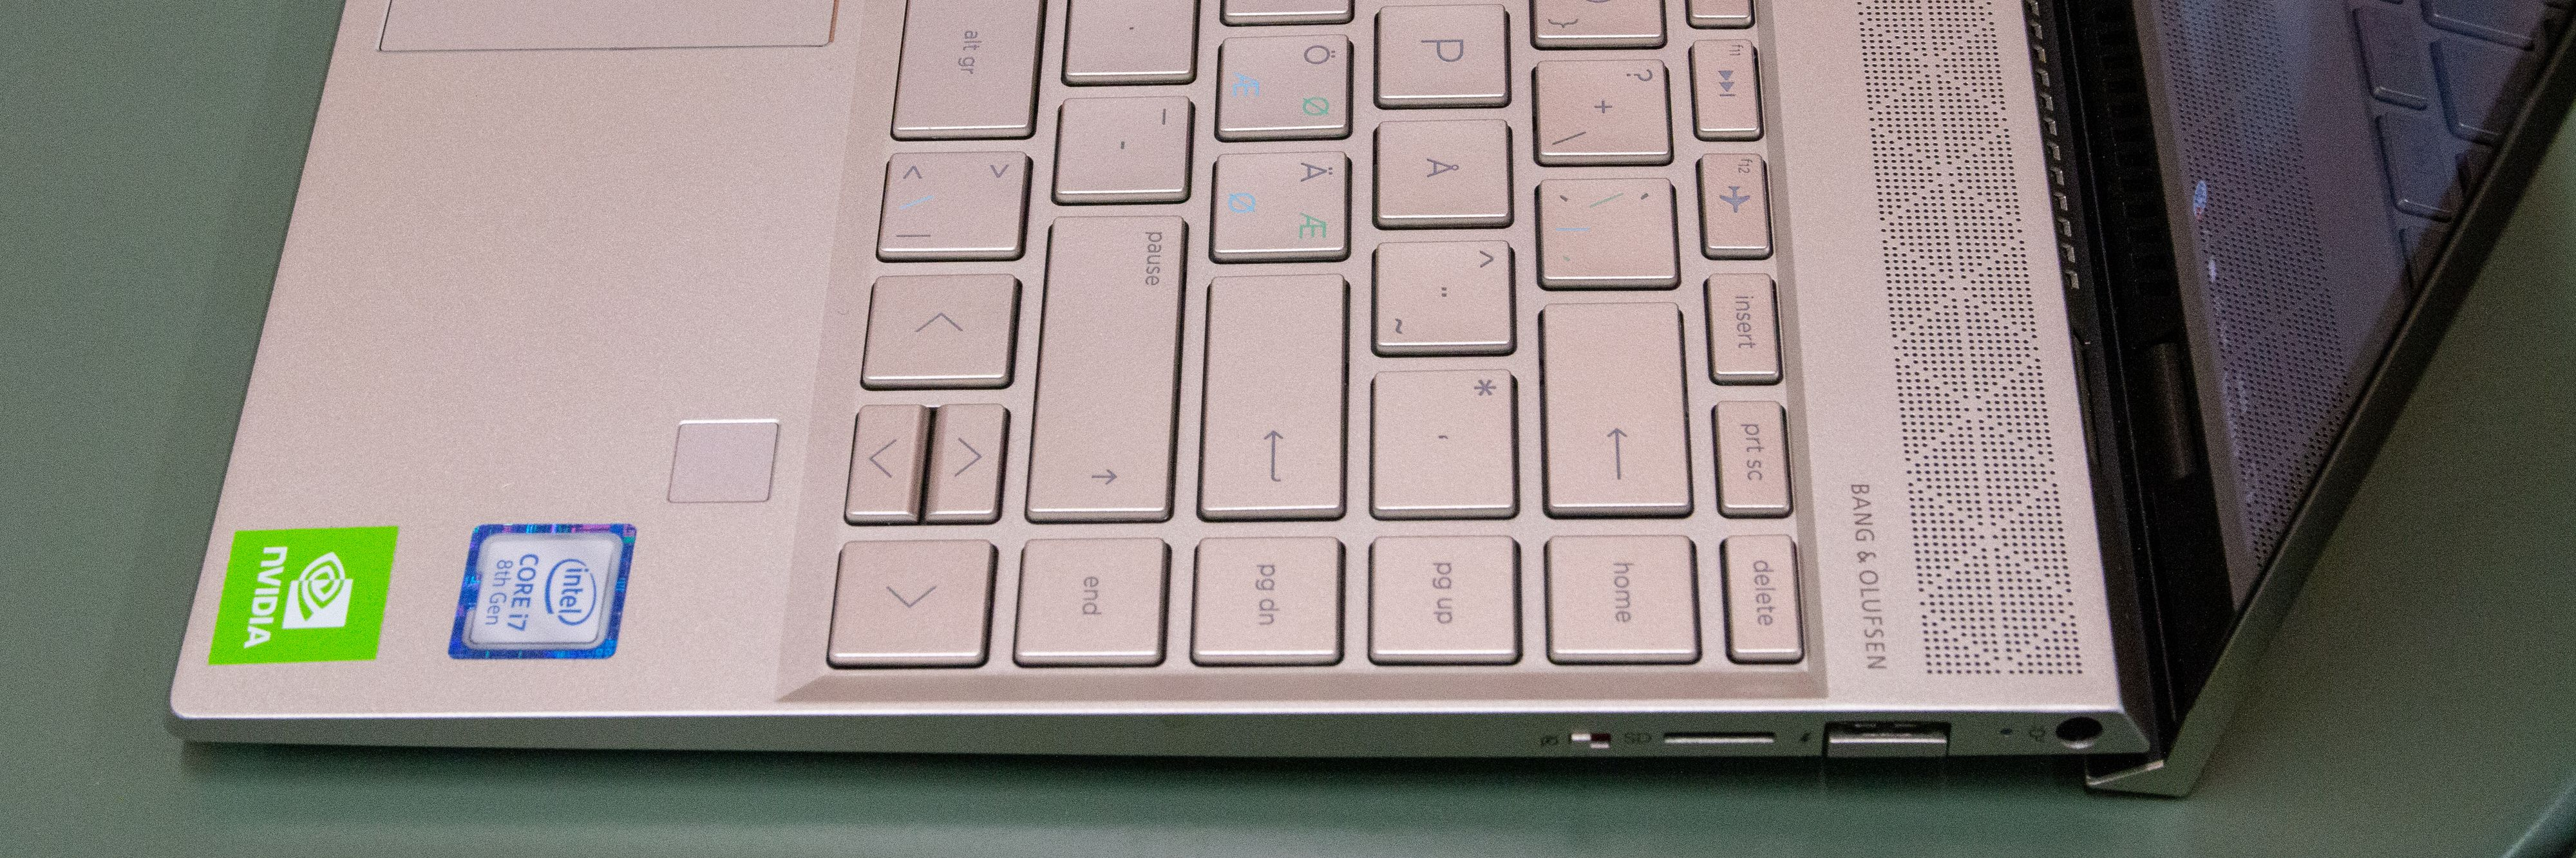 Envy 13 har amerikansk tastaturoppsett og felles nordiske tegn på tastene. Resultatet er litt så som så for en maskin til 14 000 kroner.